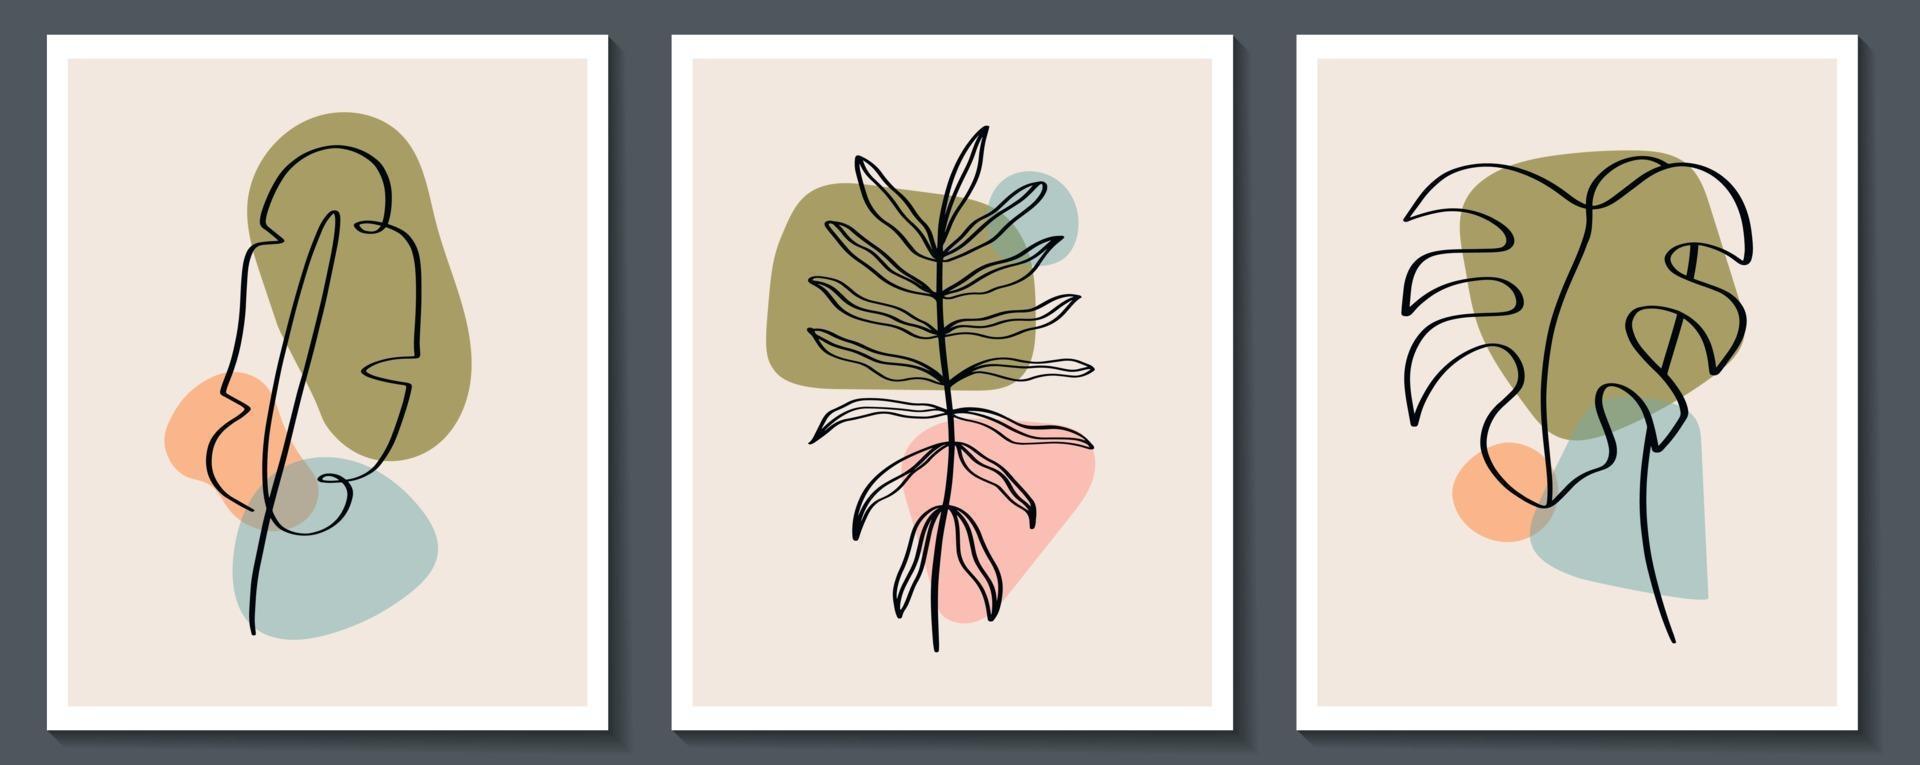 conjunto de flores de arte de línea continua. Collage contemporáneo abstracto de formas geométricas en un estilo moderno de moda. vector para concepto de belleza, estampado de camisetas, postales, carteles